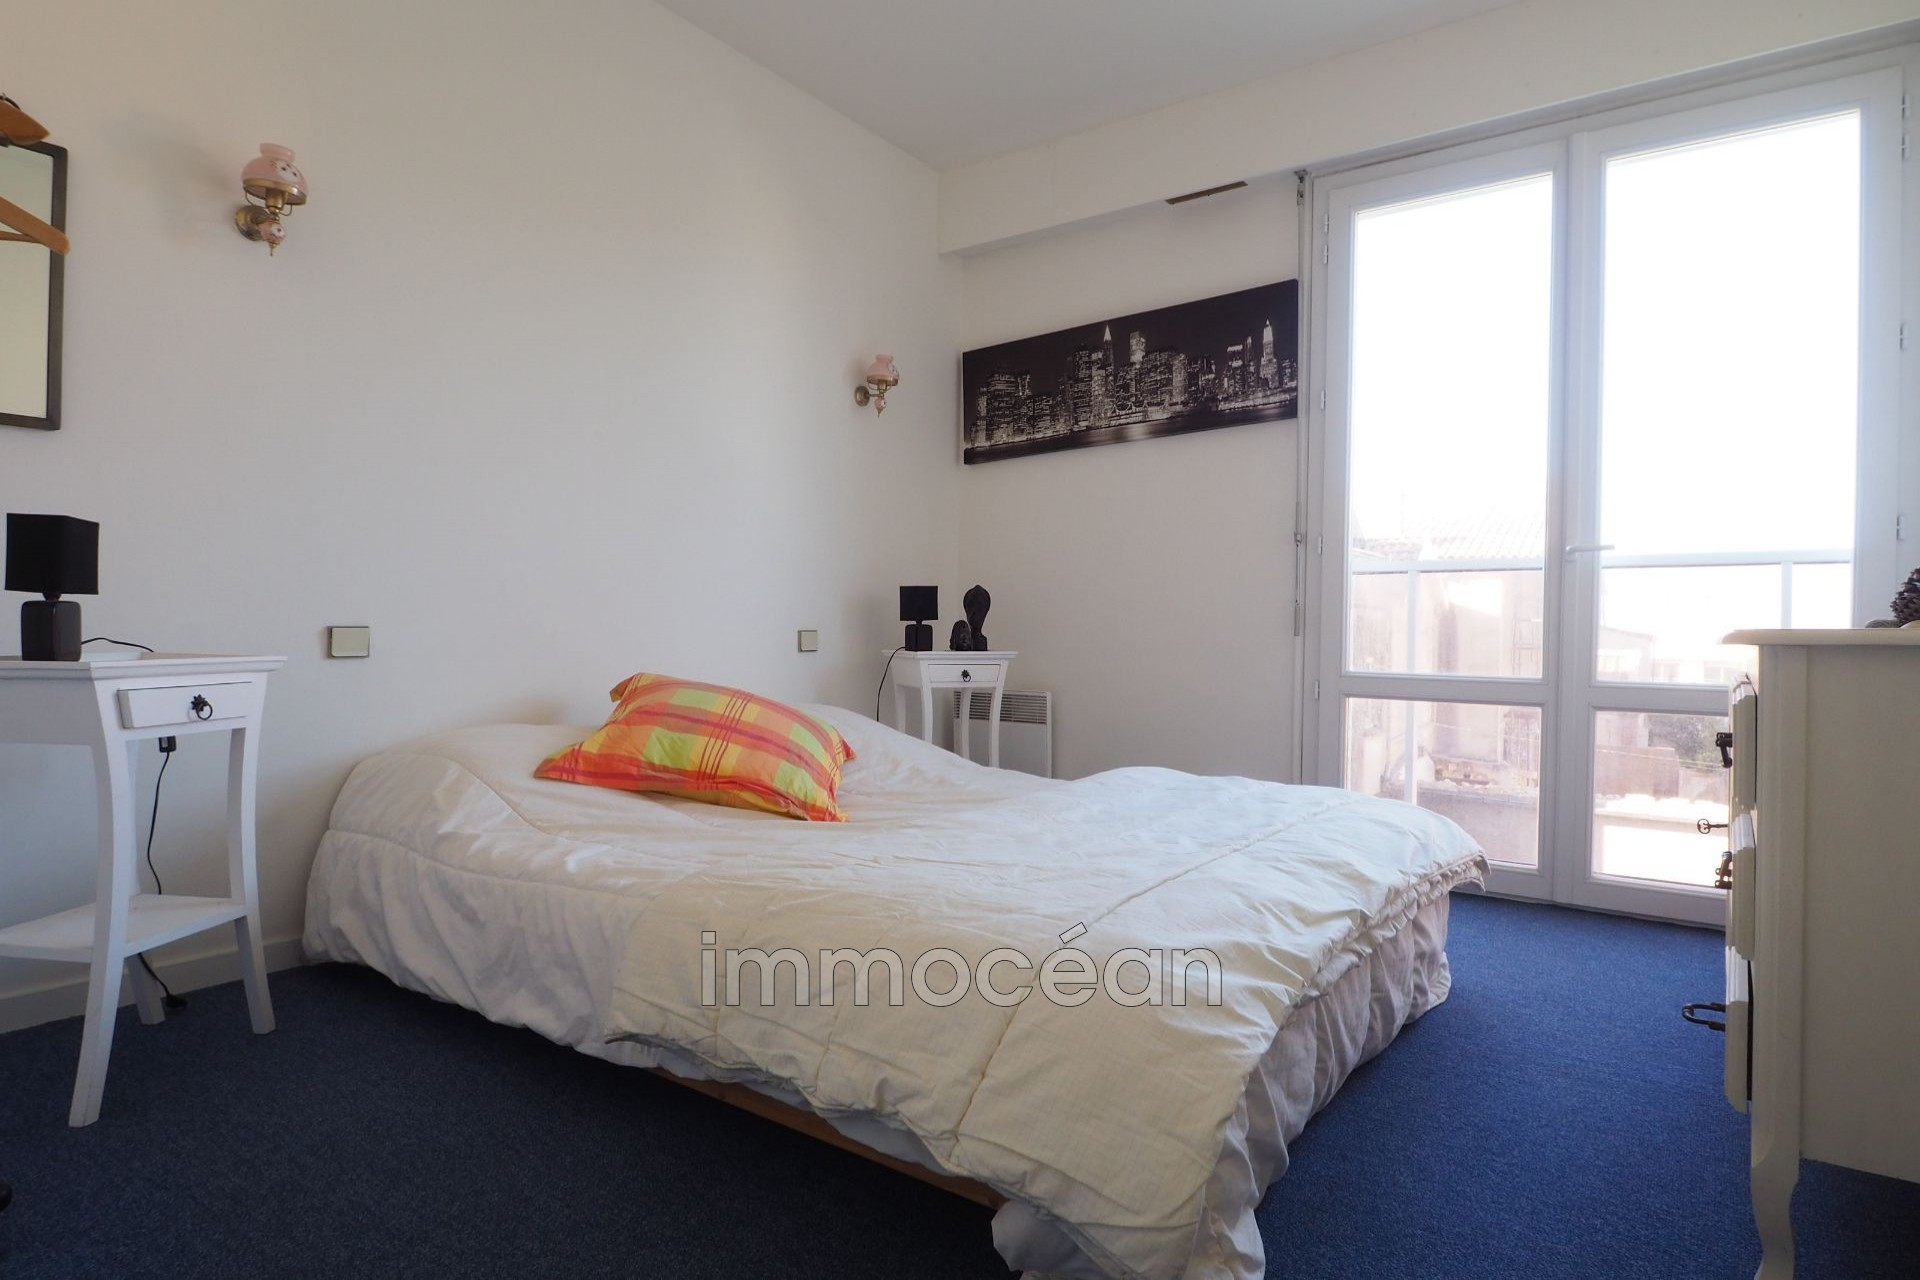 Vente appartement Royan - réf. 690V1062A